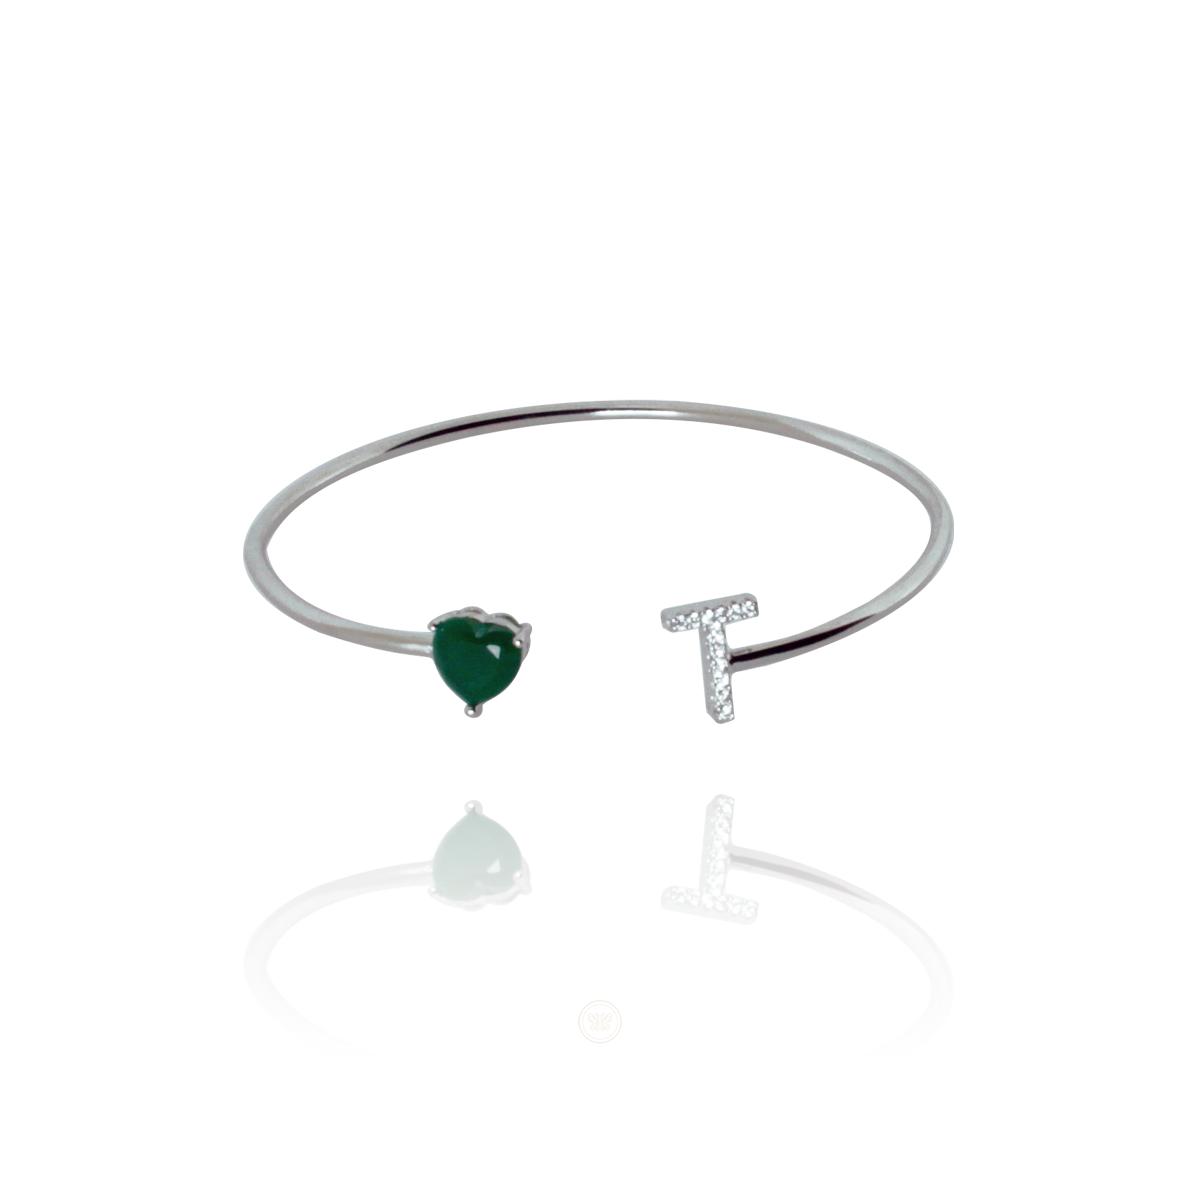 Bracelete Barbara Strauss Semi Joia Love T Em Quartzo Verde, Rev. Ouro Branco 18K